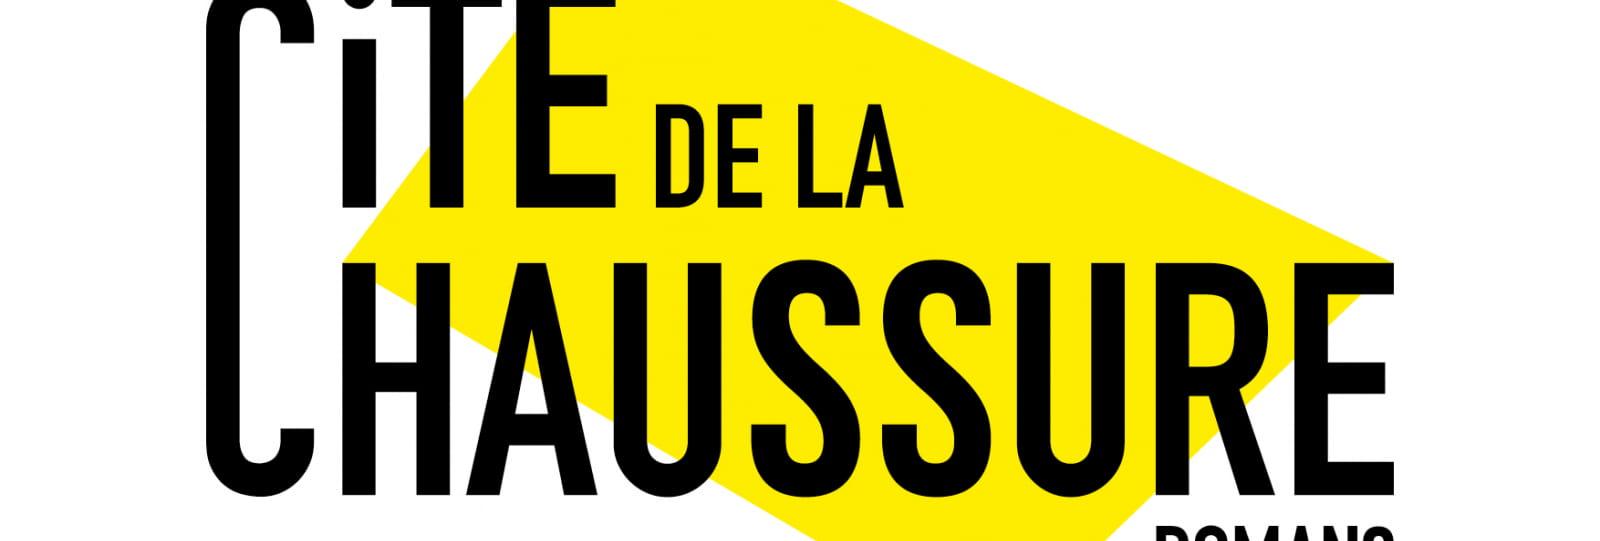 The Cité de la Chaussure